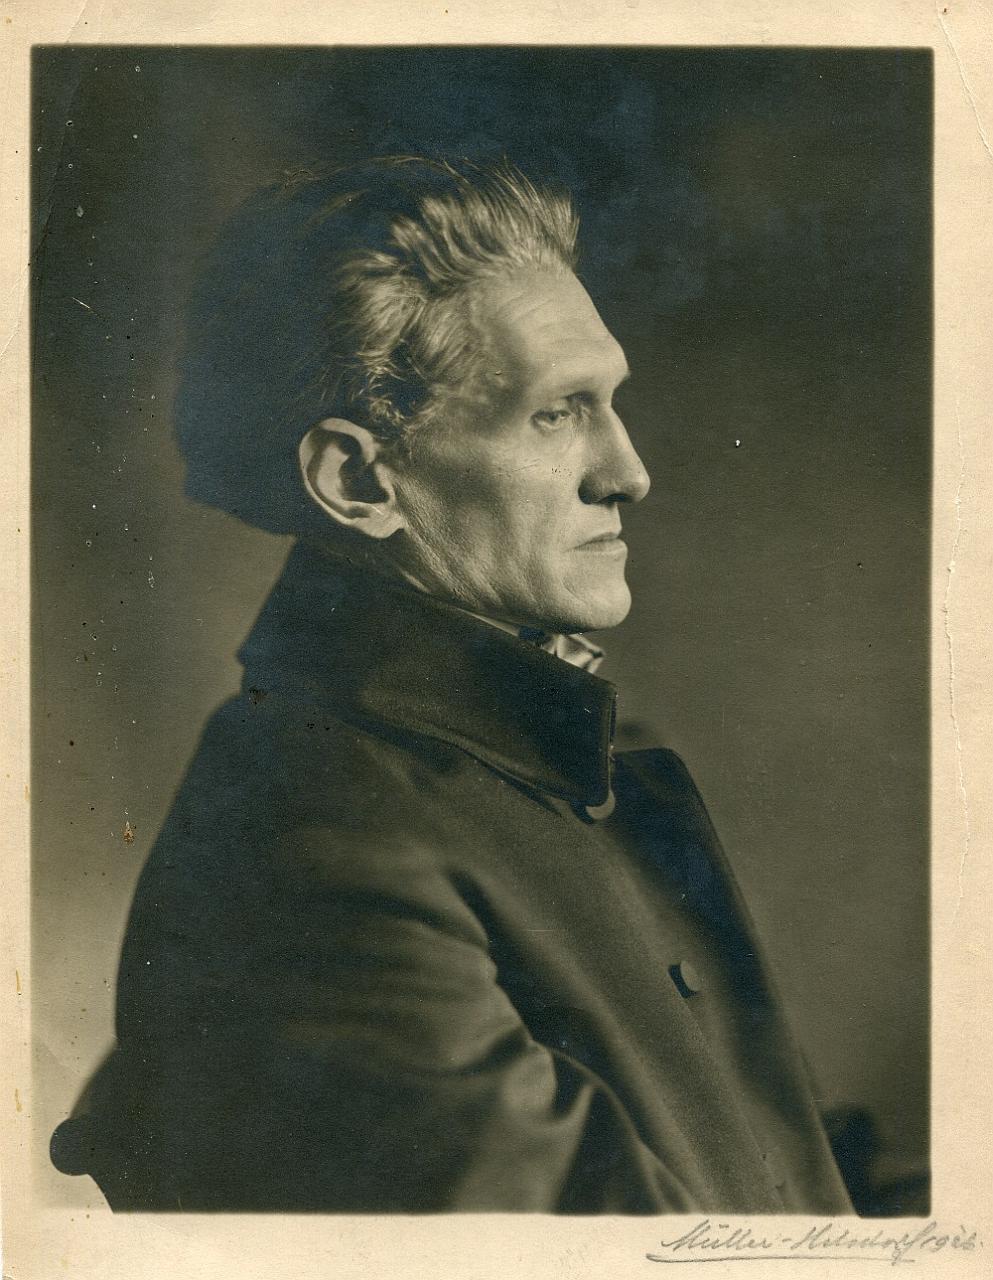 Portraitaufnahme des Dichters Stefan George, seitlich